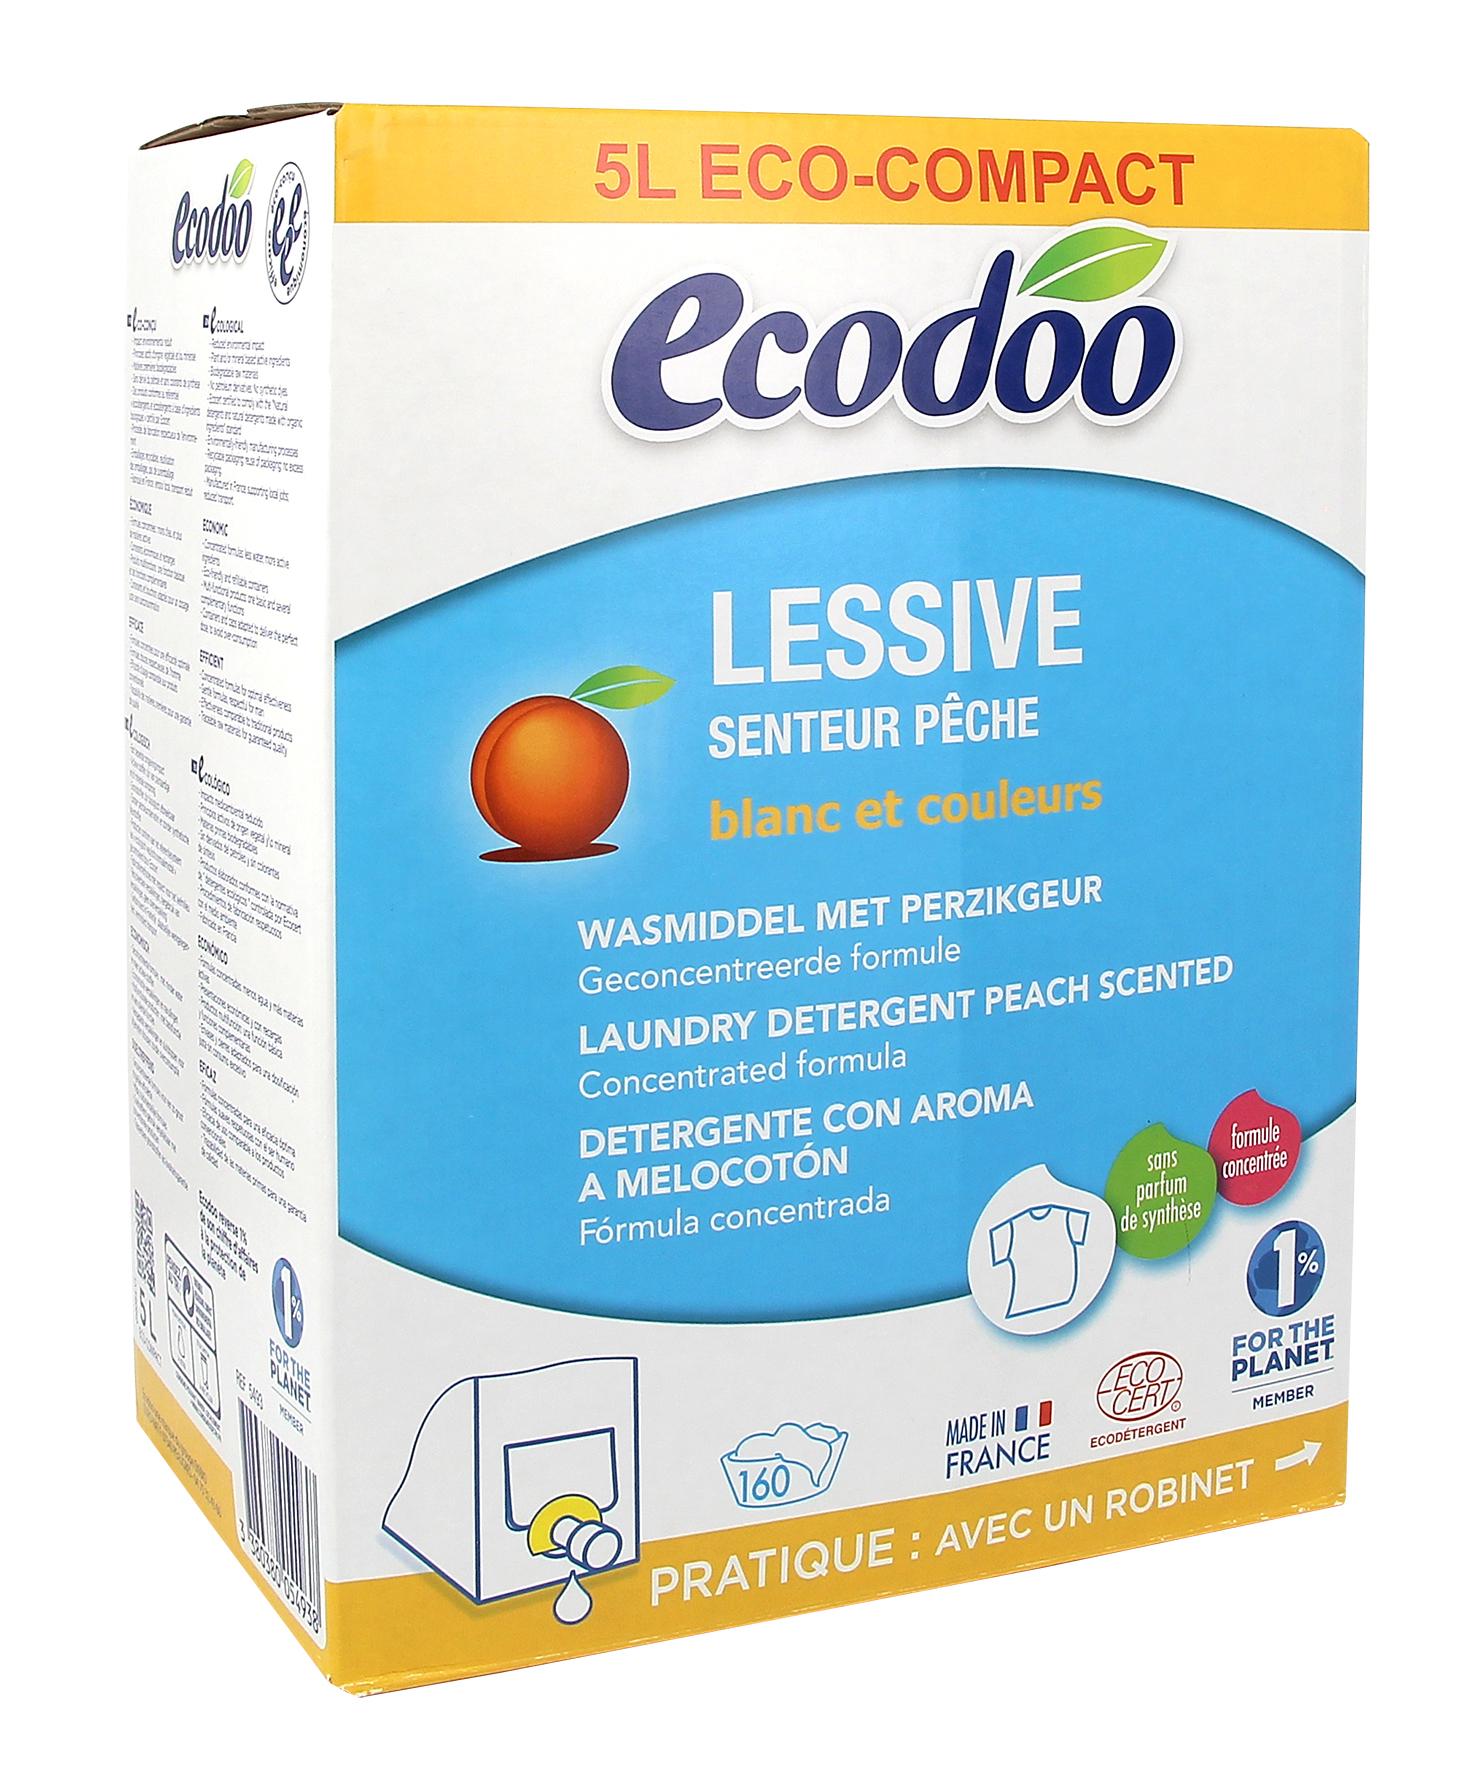 Lessive liquide senteur pêche, Ecodoo (BIB - 5 l)